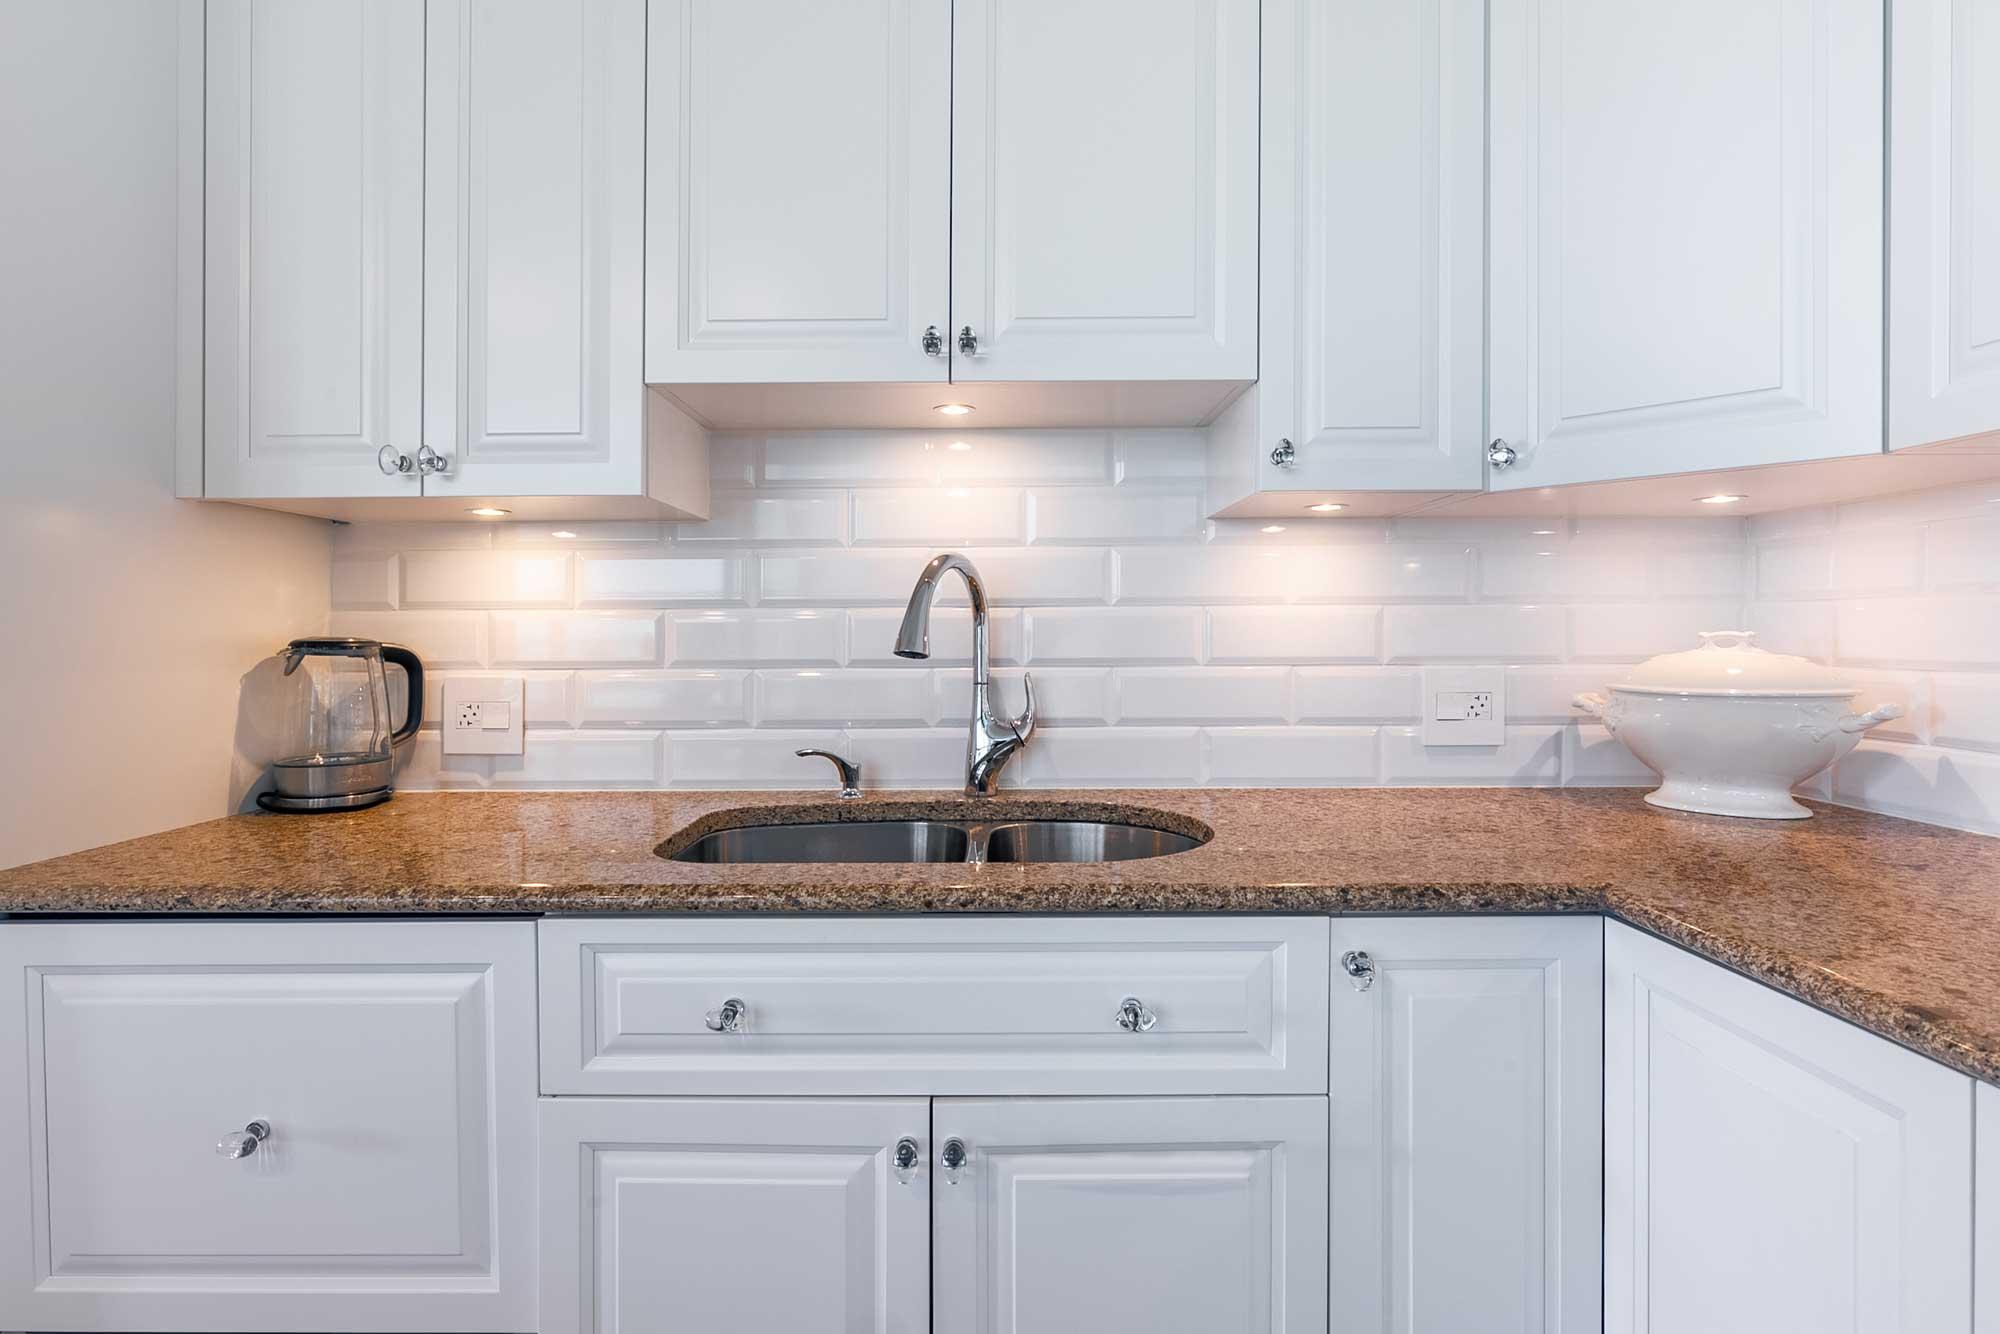 cuisine rénovée blanche de style classique avec comptoir en granite beige